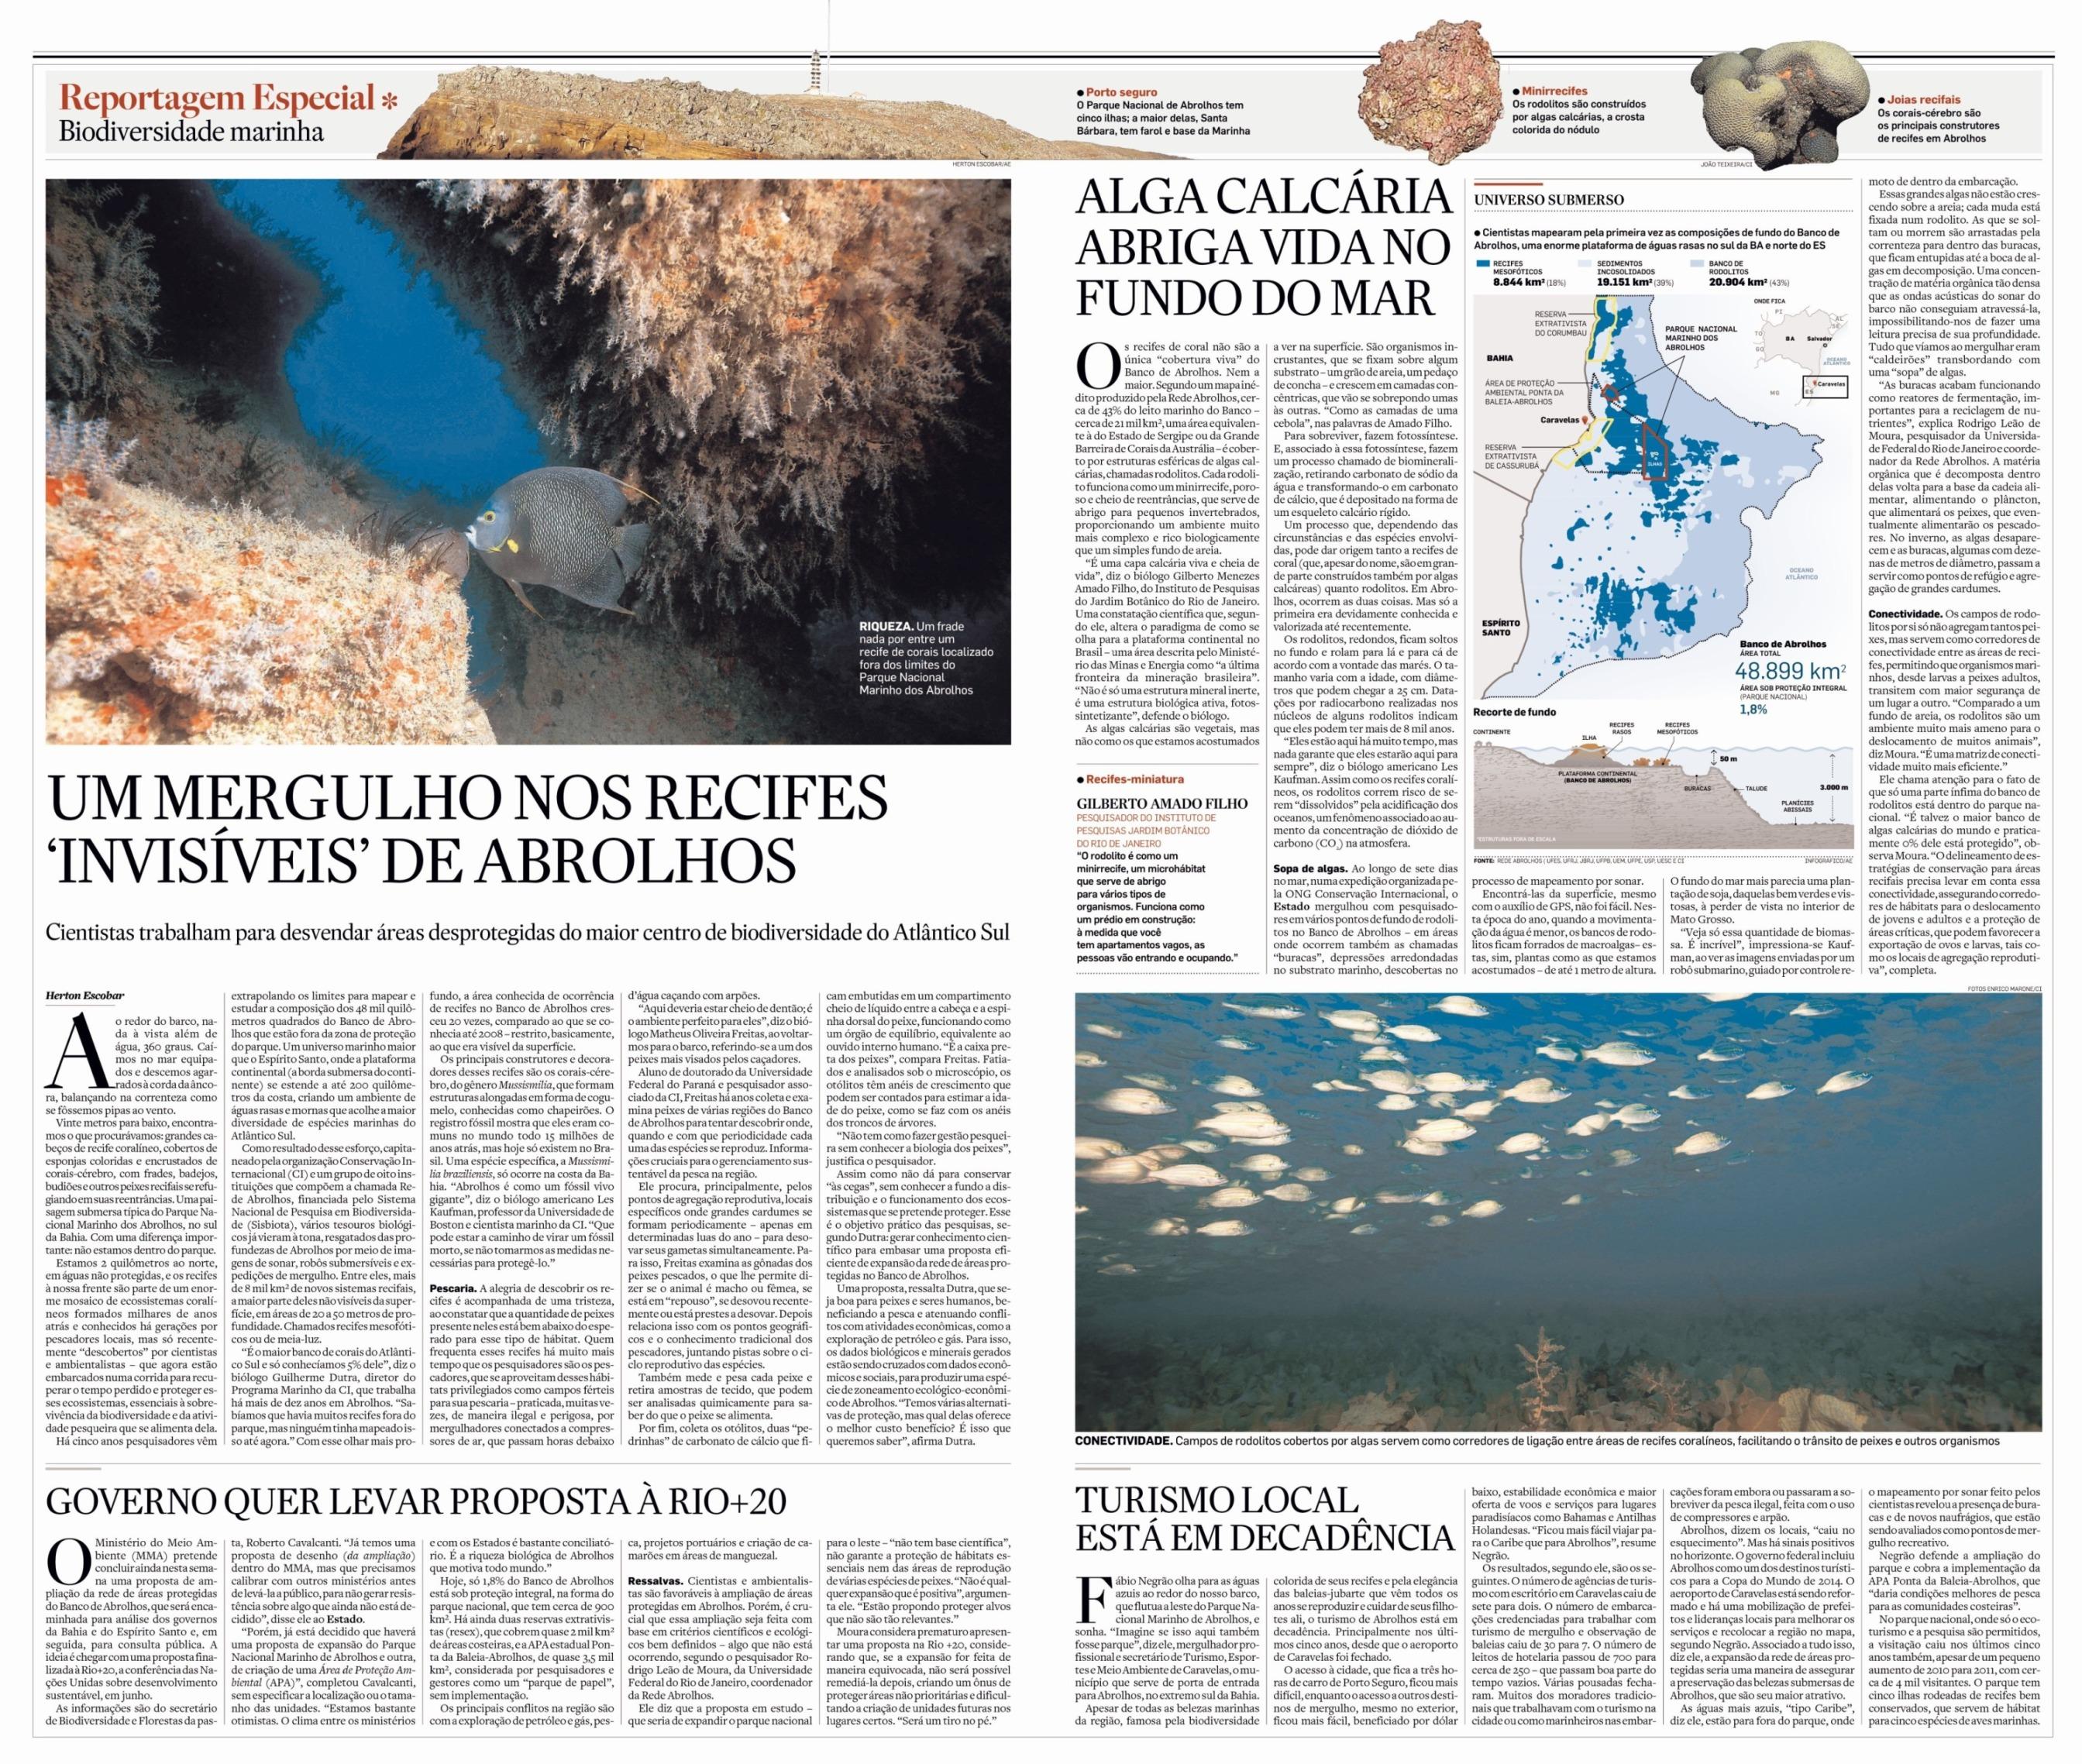 Um mergulho nos recifes invisíveis de Abrolhos